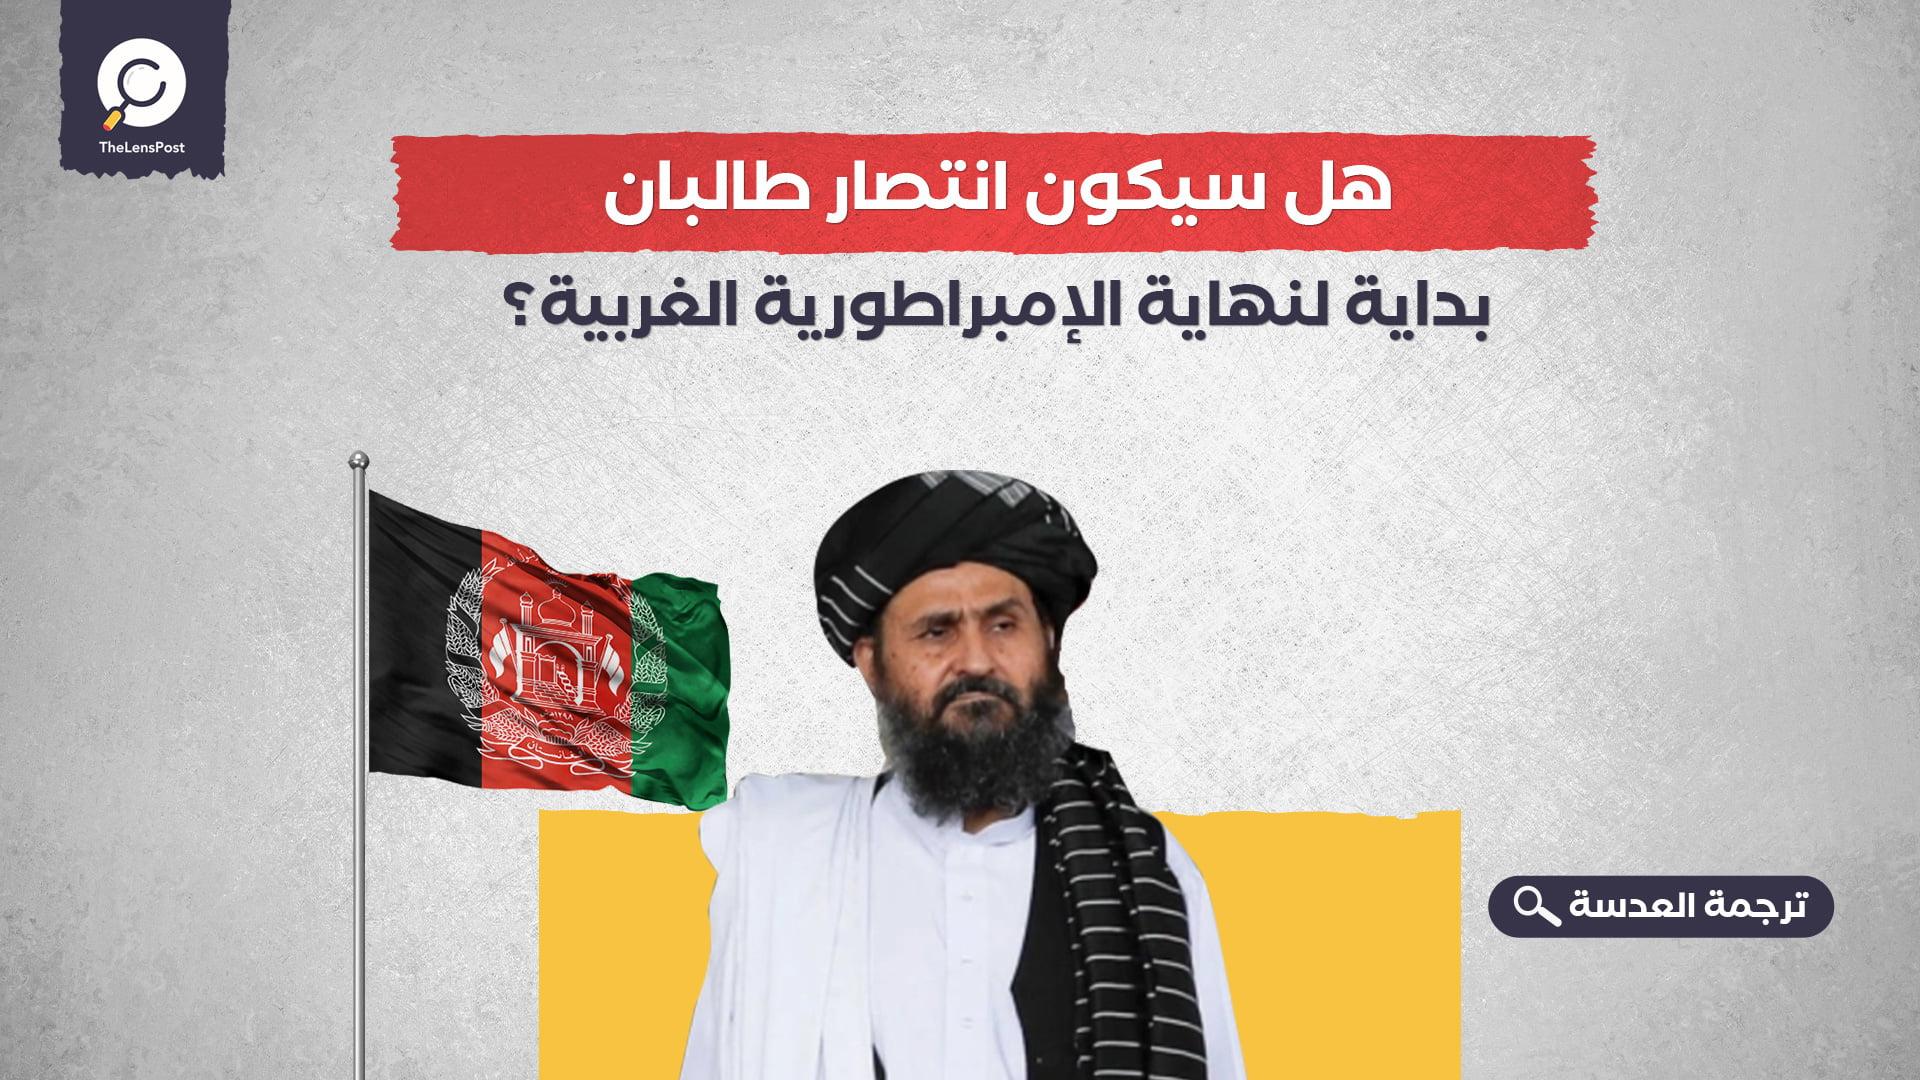 هل سيكون انتصار طالبان بداية لنهاية الإمبراطورية الغربية؟